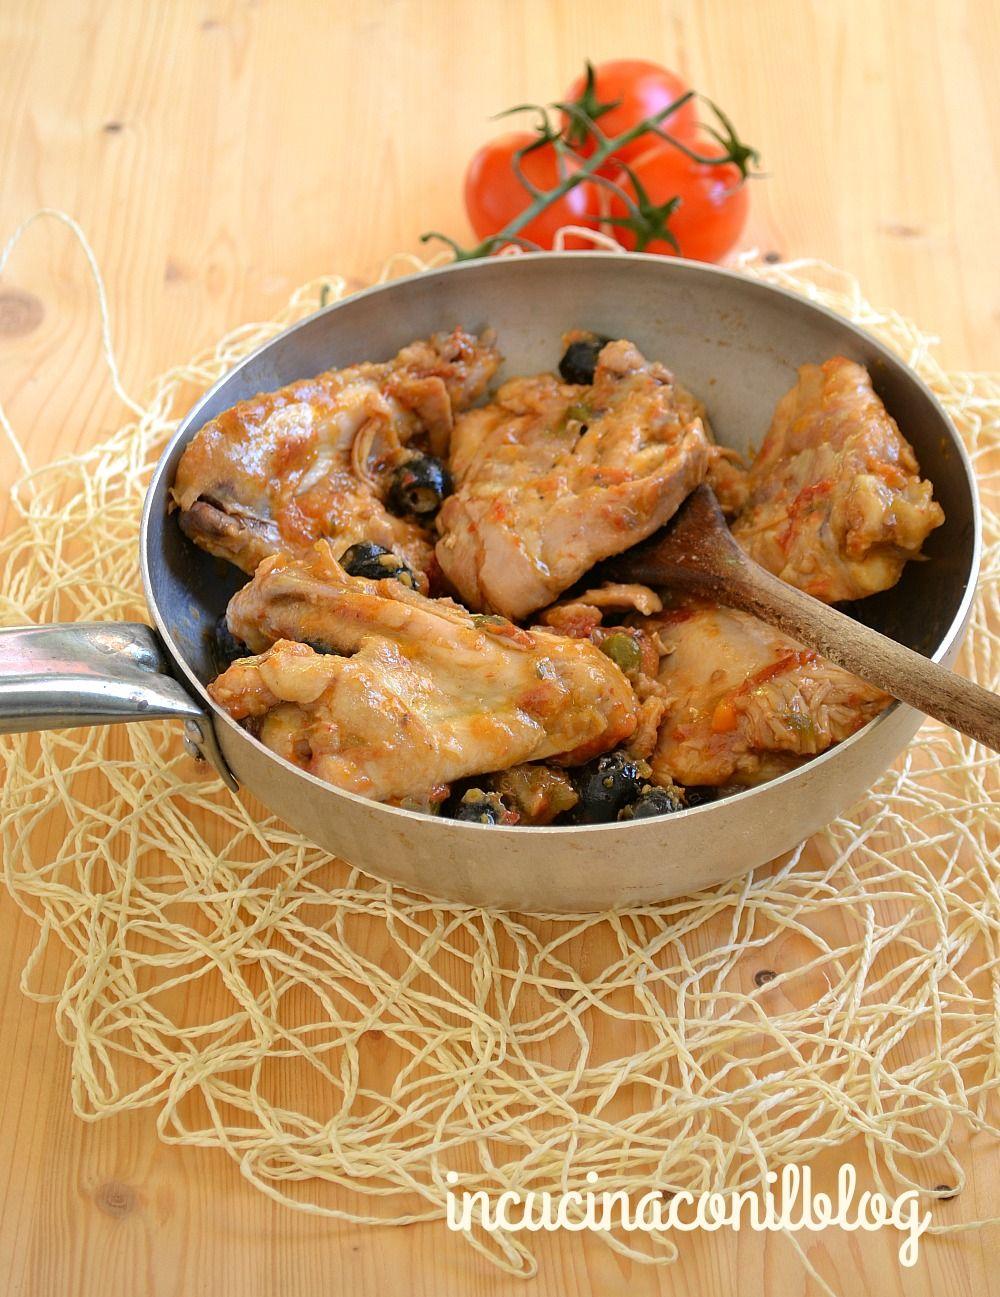 Il pollo in tegame è molto buono, con qualche ingrediente per insaporire il sughetto e la carne tenera. Oggi non avevo voglia di mangiarlo al forno, che è